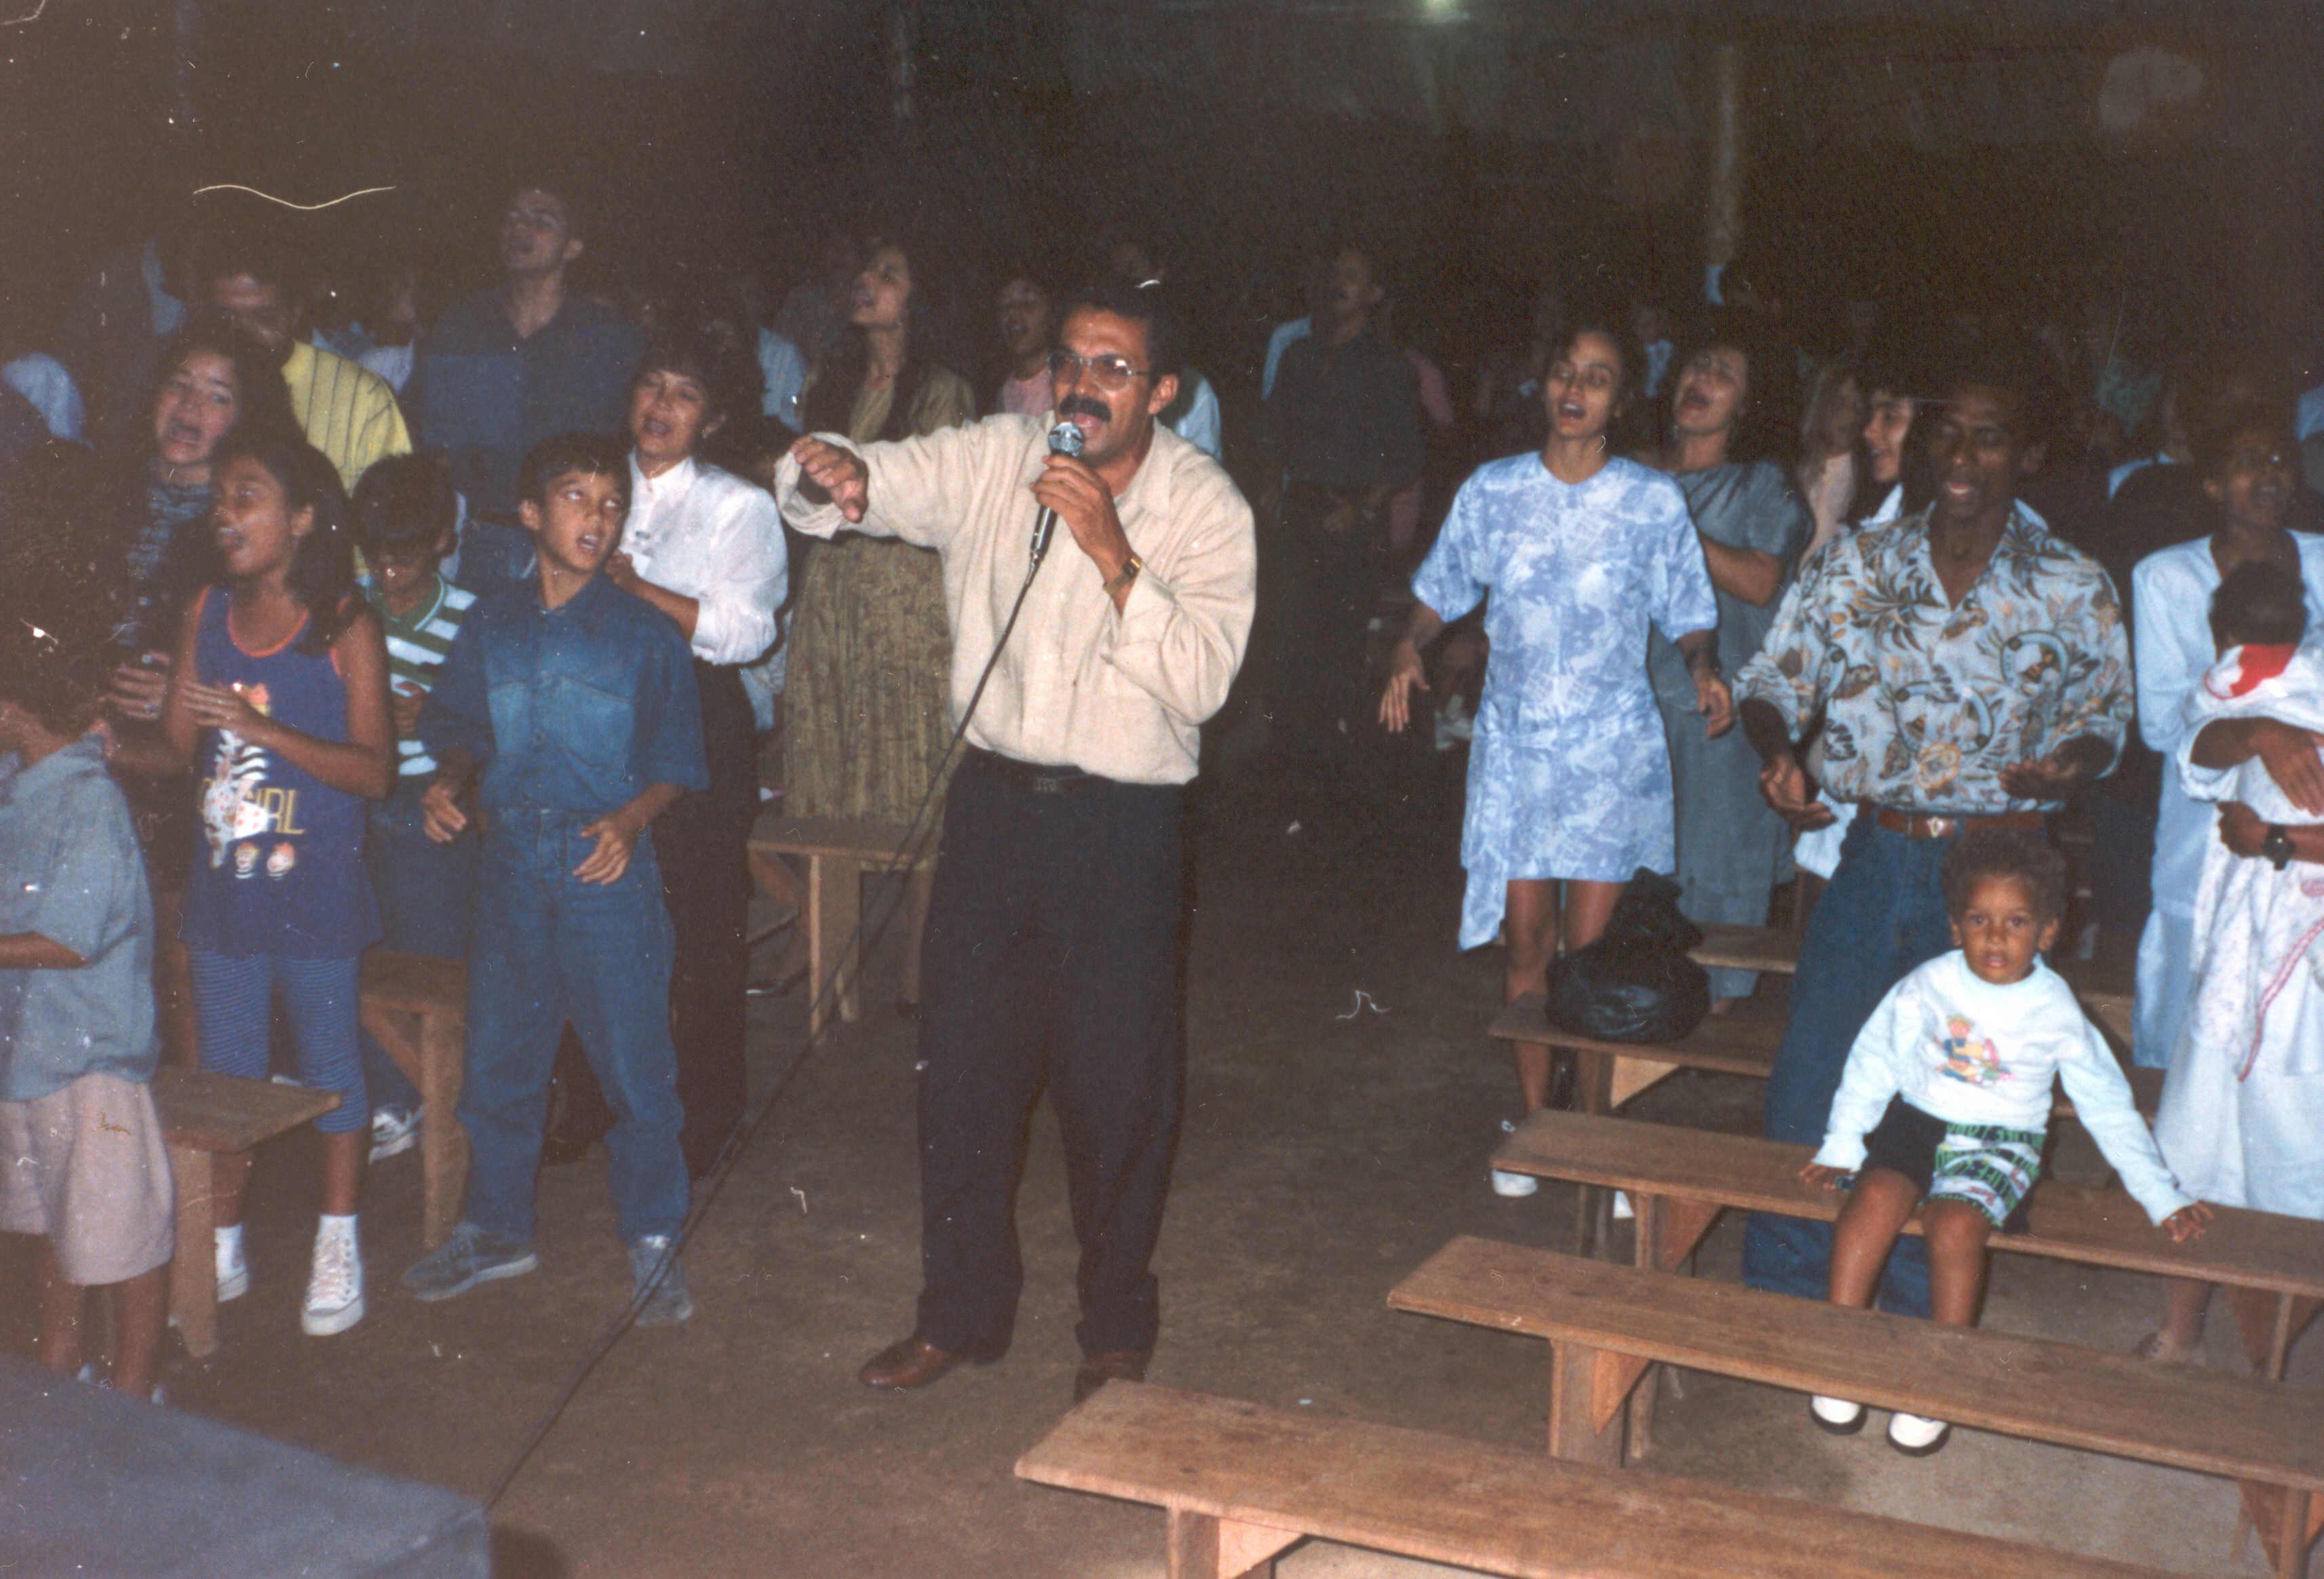 Apostila – O que me falta para ser um cristão – Edição 2020